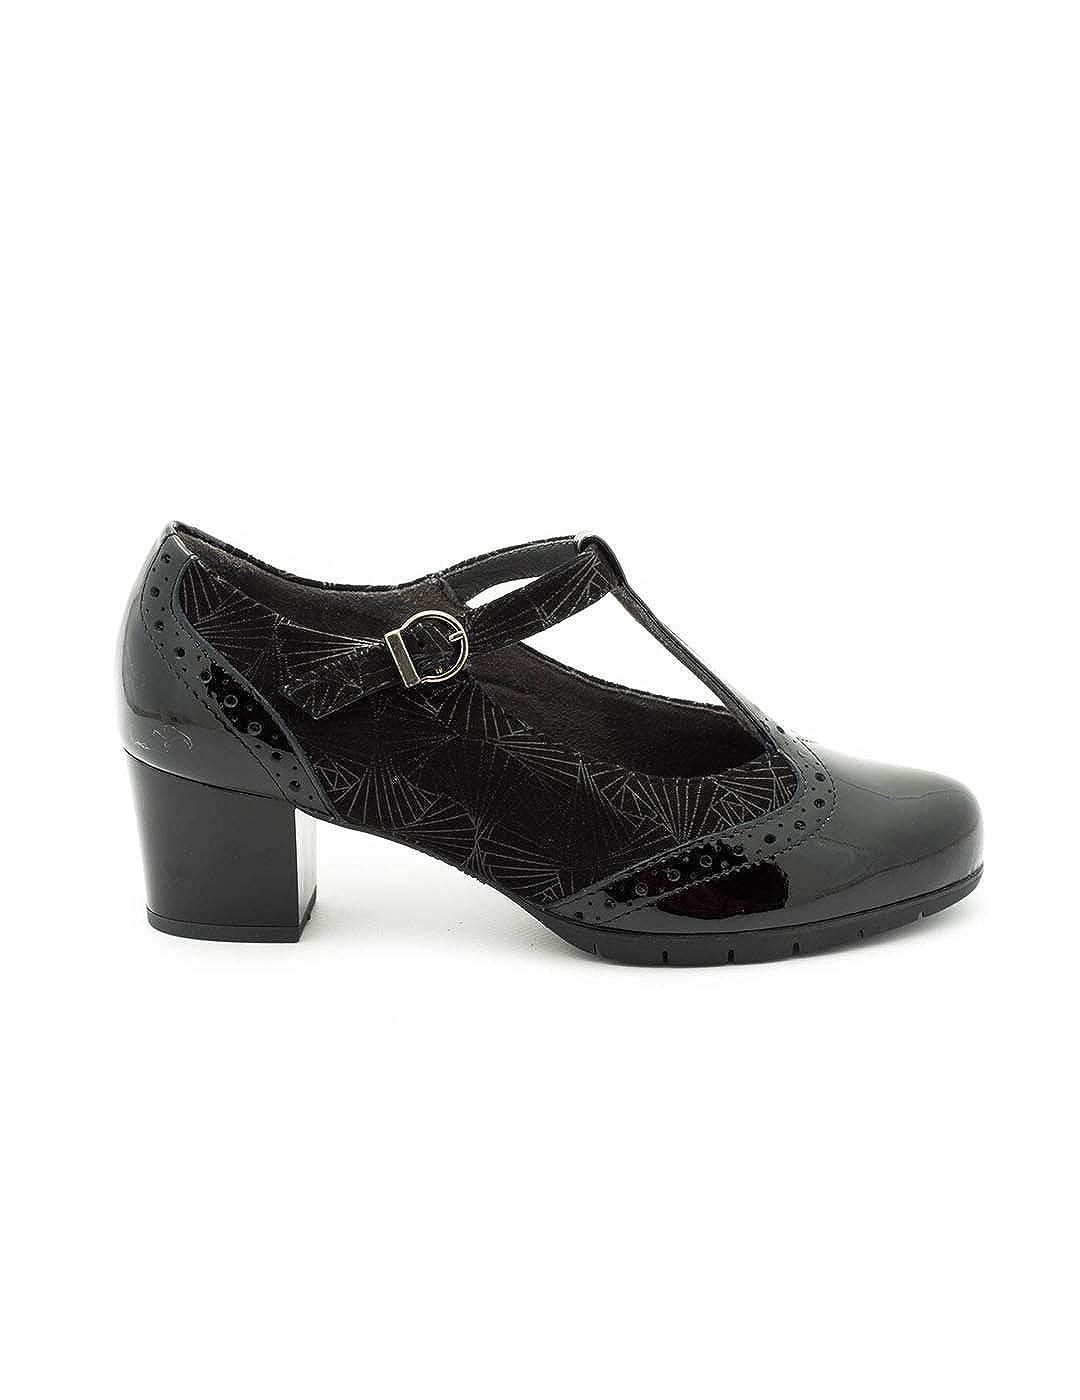 Zapato Pitillos De Piel Negro 5270